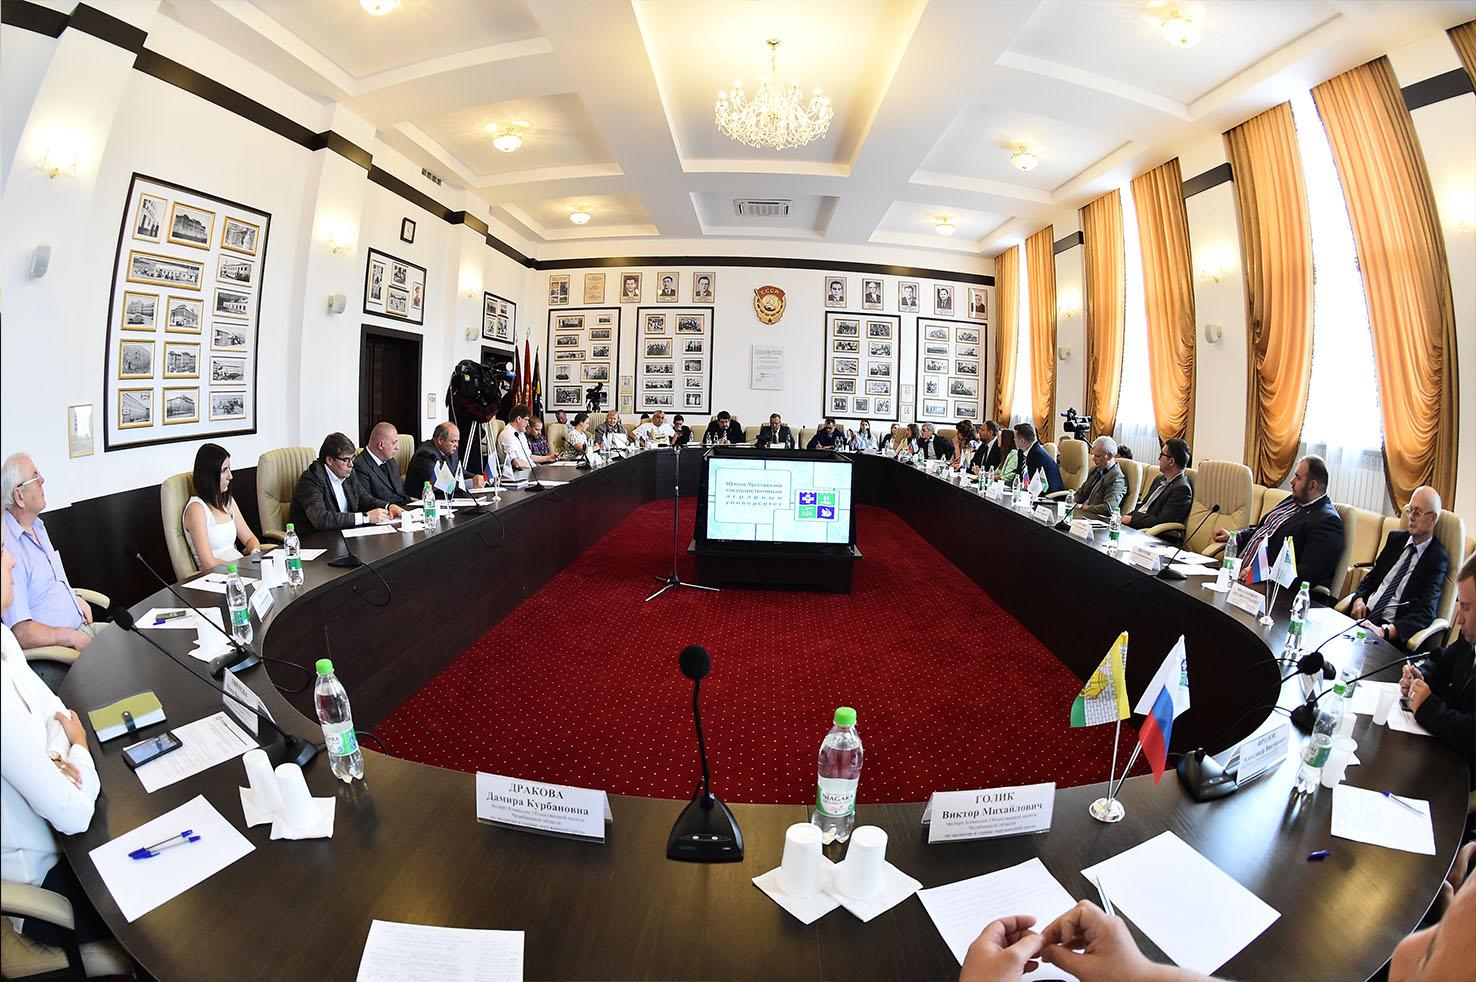 Независимые эксперты подвели итоги экологического аудита предприятий Группы «Мечел» в Челябинске.